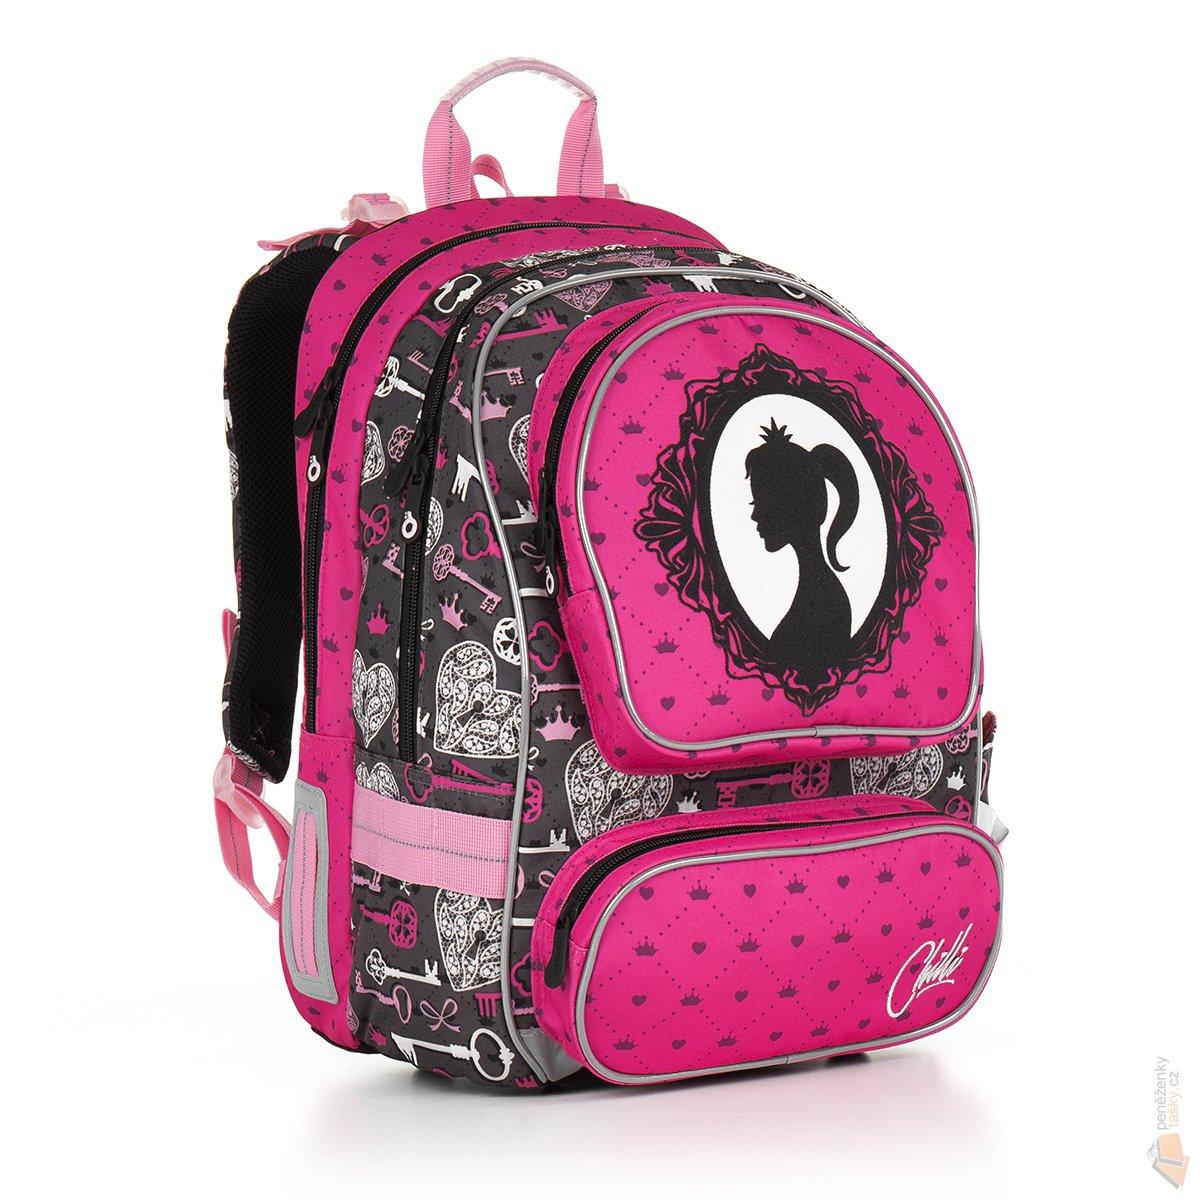 d644817dde0 Topgal Školní batoh CHI 875 H pink - Doprava zdarma   Kabelky ...